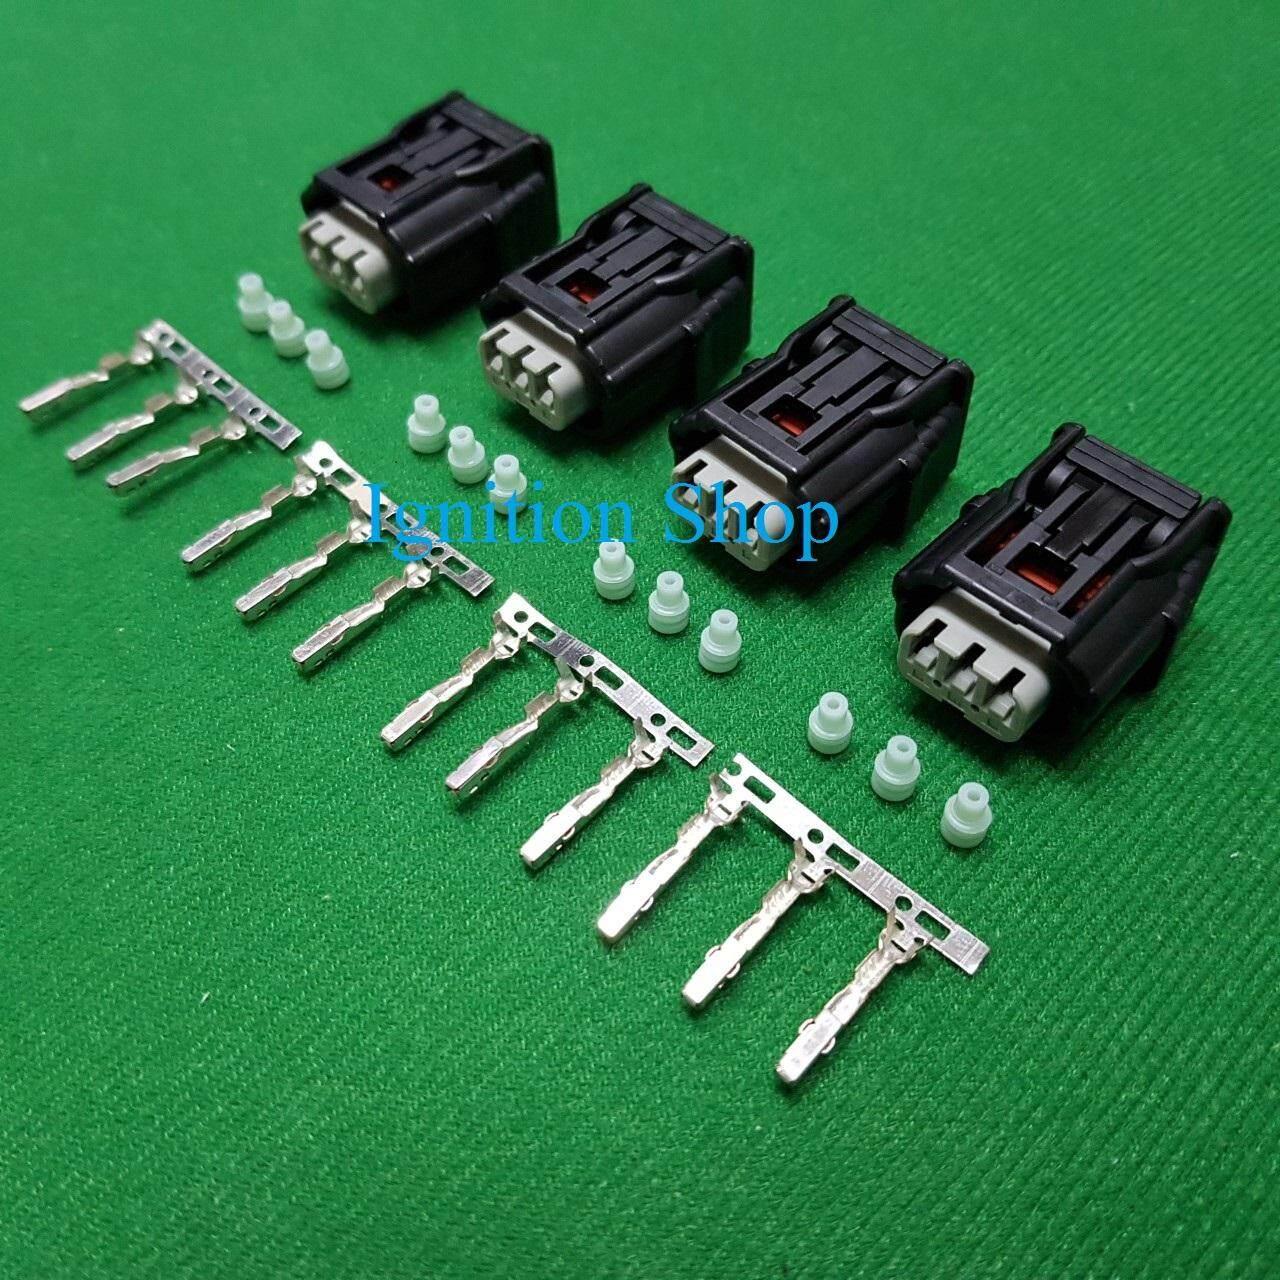 ปลั๊กคอยล์จุดระเบิด Honda Civic Fd 1.8, Jazz Ge, City Mc, Crv G32.0 และ Accrod G8 By Ignition Shop.